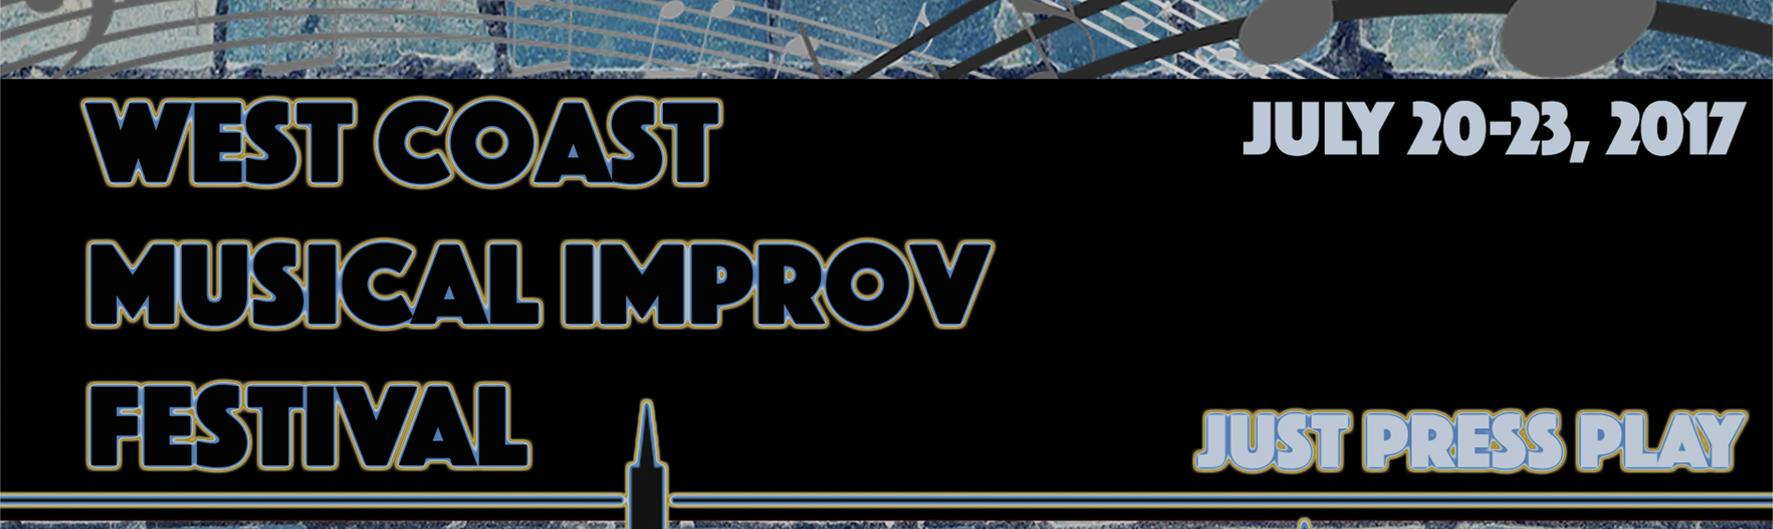 West Coast Musical Improv Festival